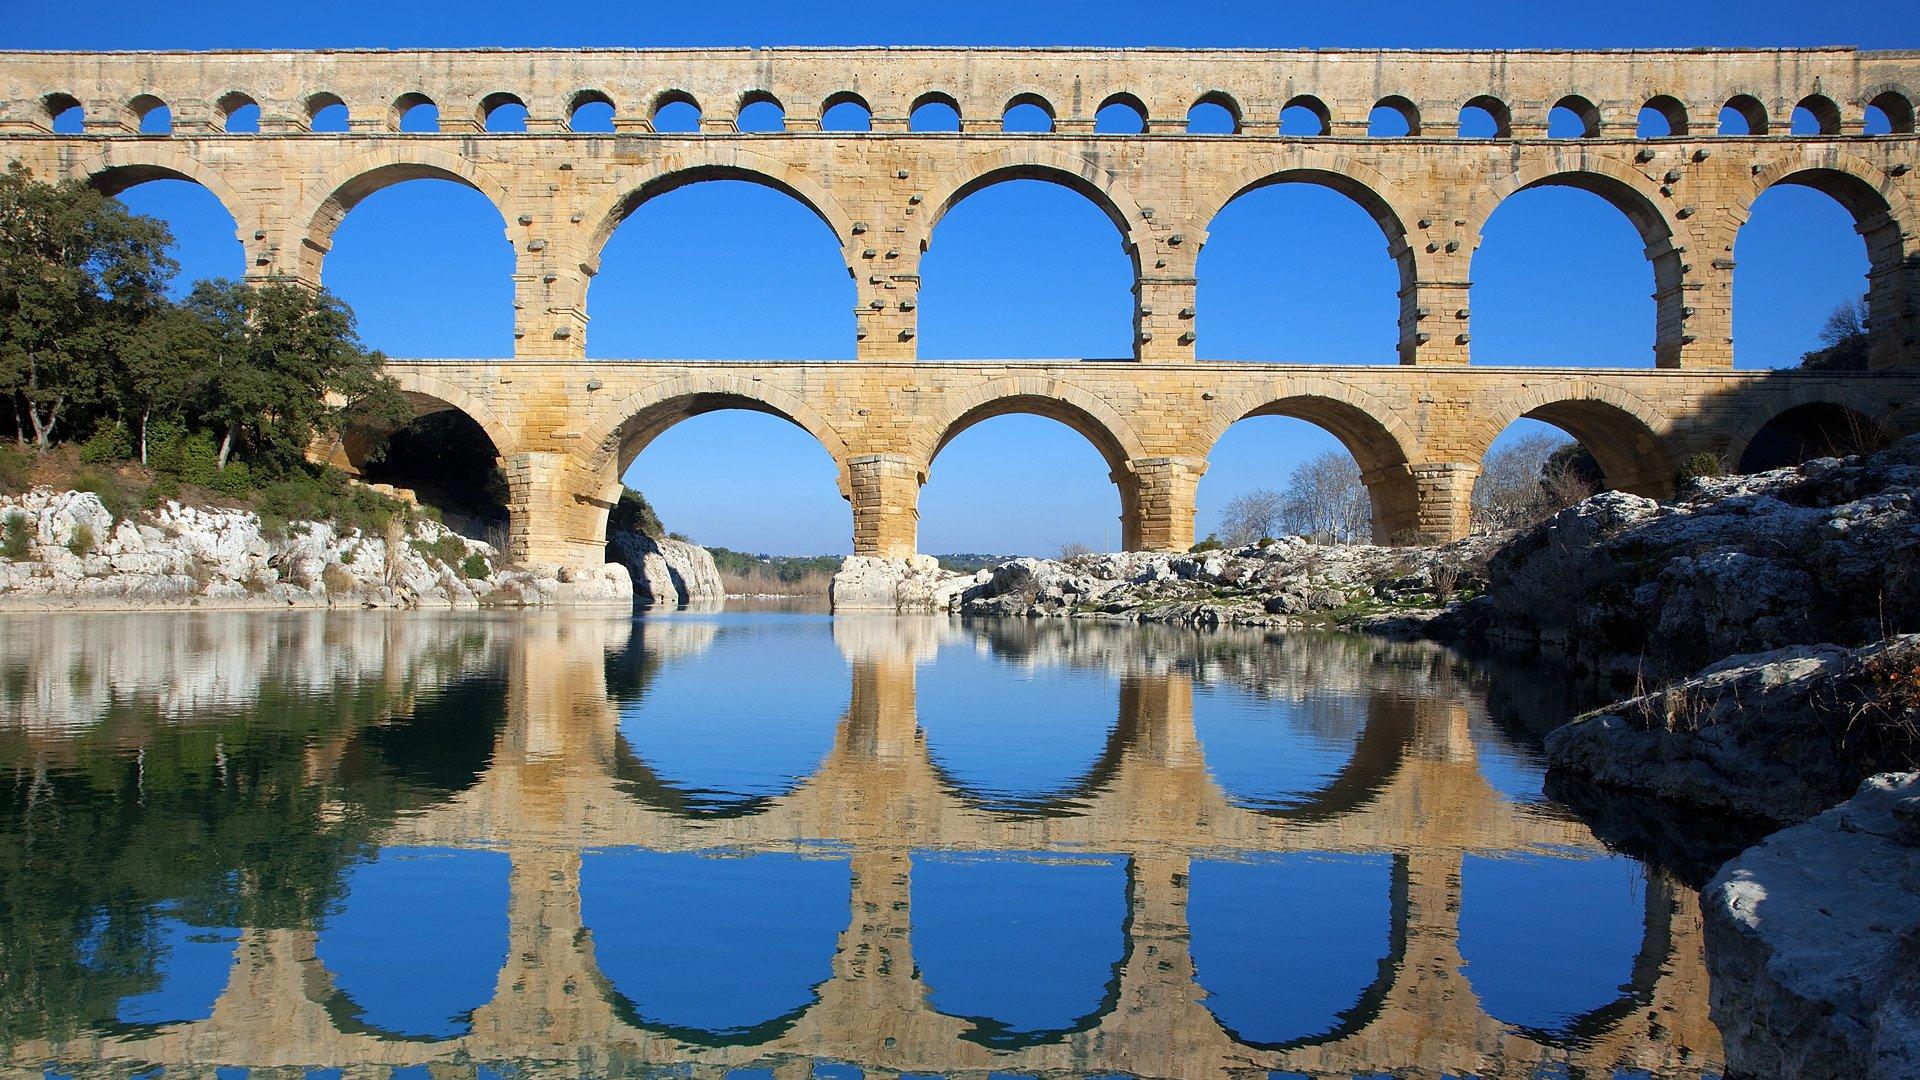 Pont du gard incontournable office de tourisme maussane les alpilles office de tourisme - Office de tourisme du pont du gard ...